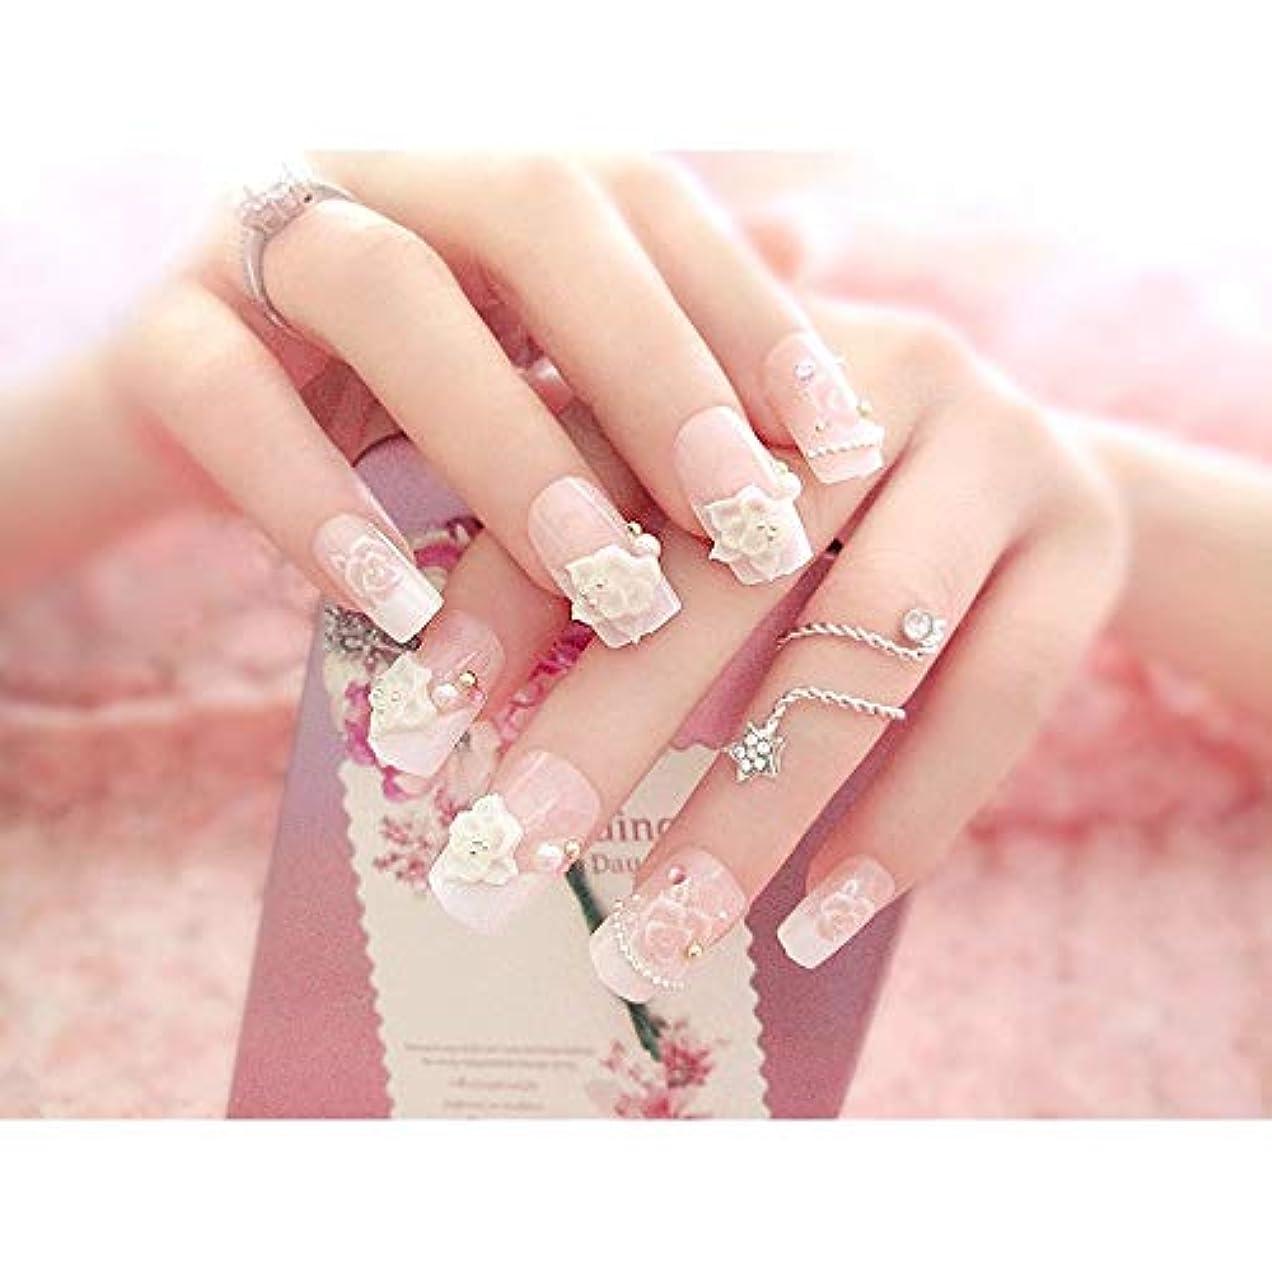 プレゼント騒ぎ抽選HOHYLLYA ホワイト+ピンクは、偽の釘24ピース箱入りフェイクネイルパール花の花嫁ネイルステッカーを完成しました (色 : 24 pieces)